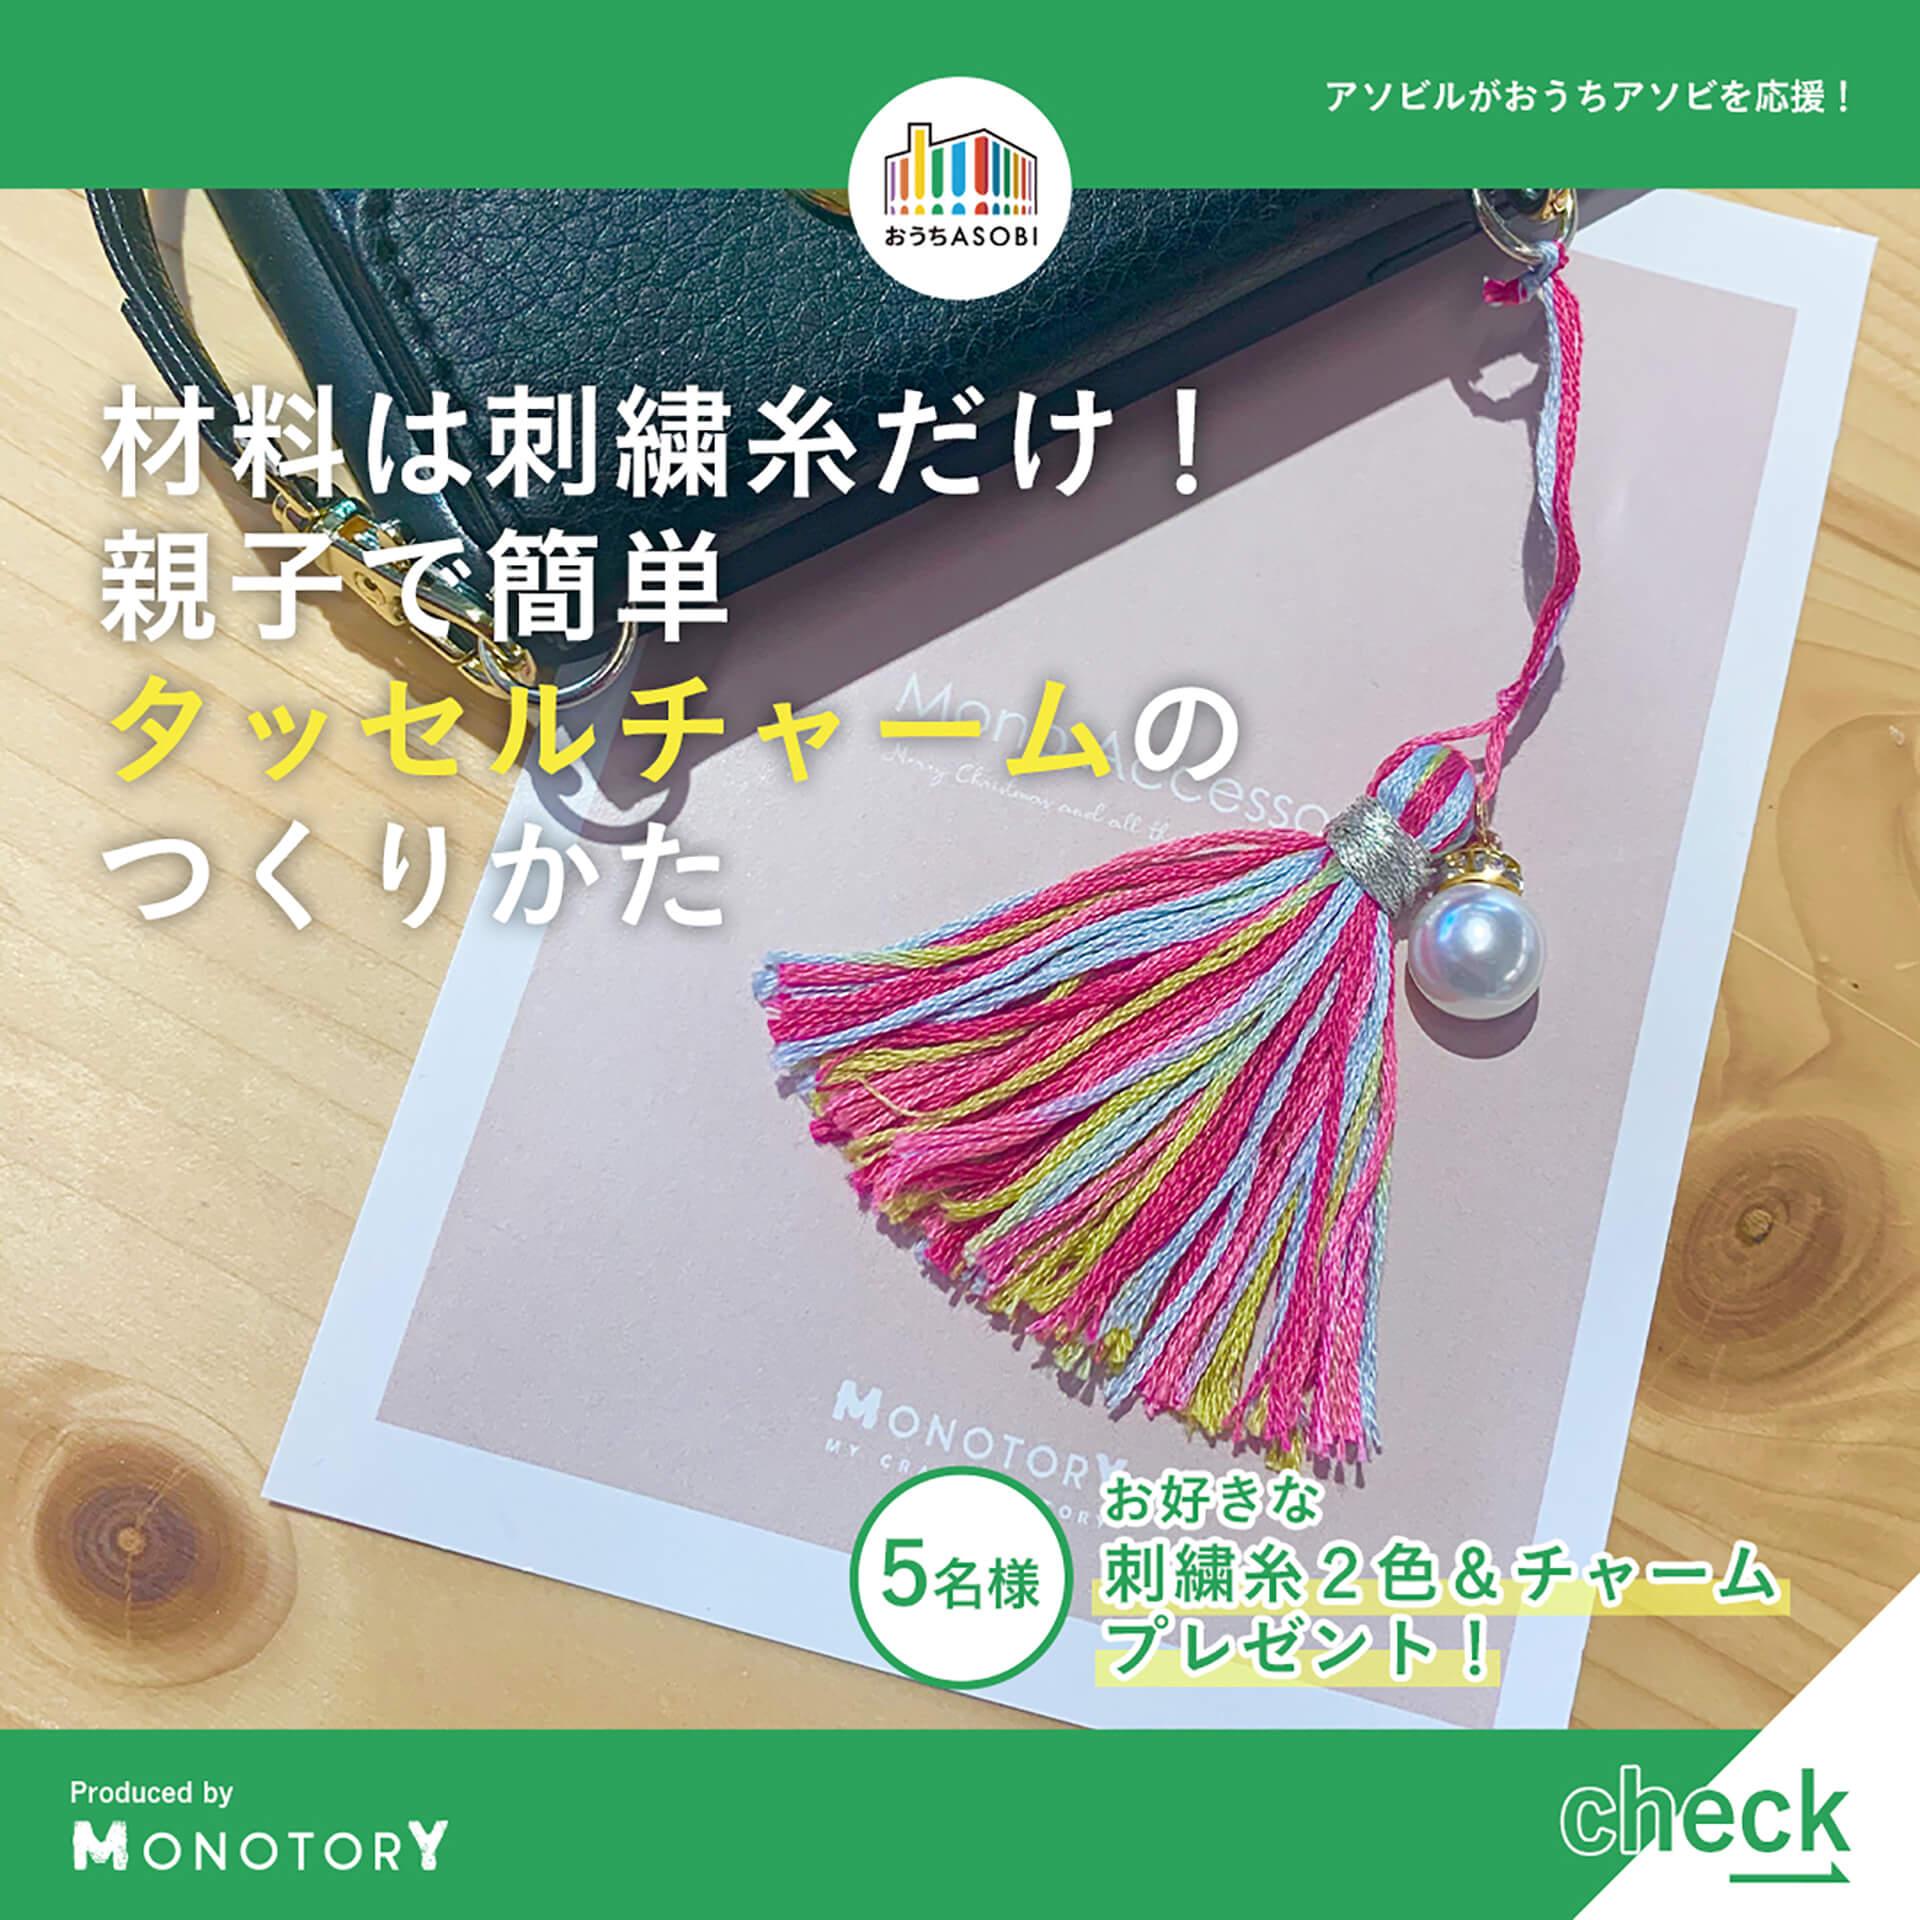 アソビルSTAY HOME週間応援配信・DIY